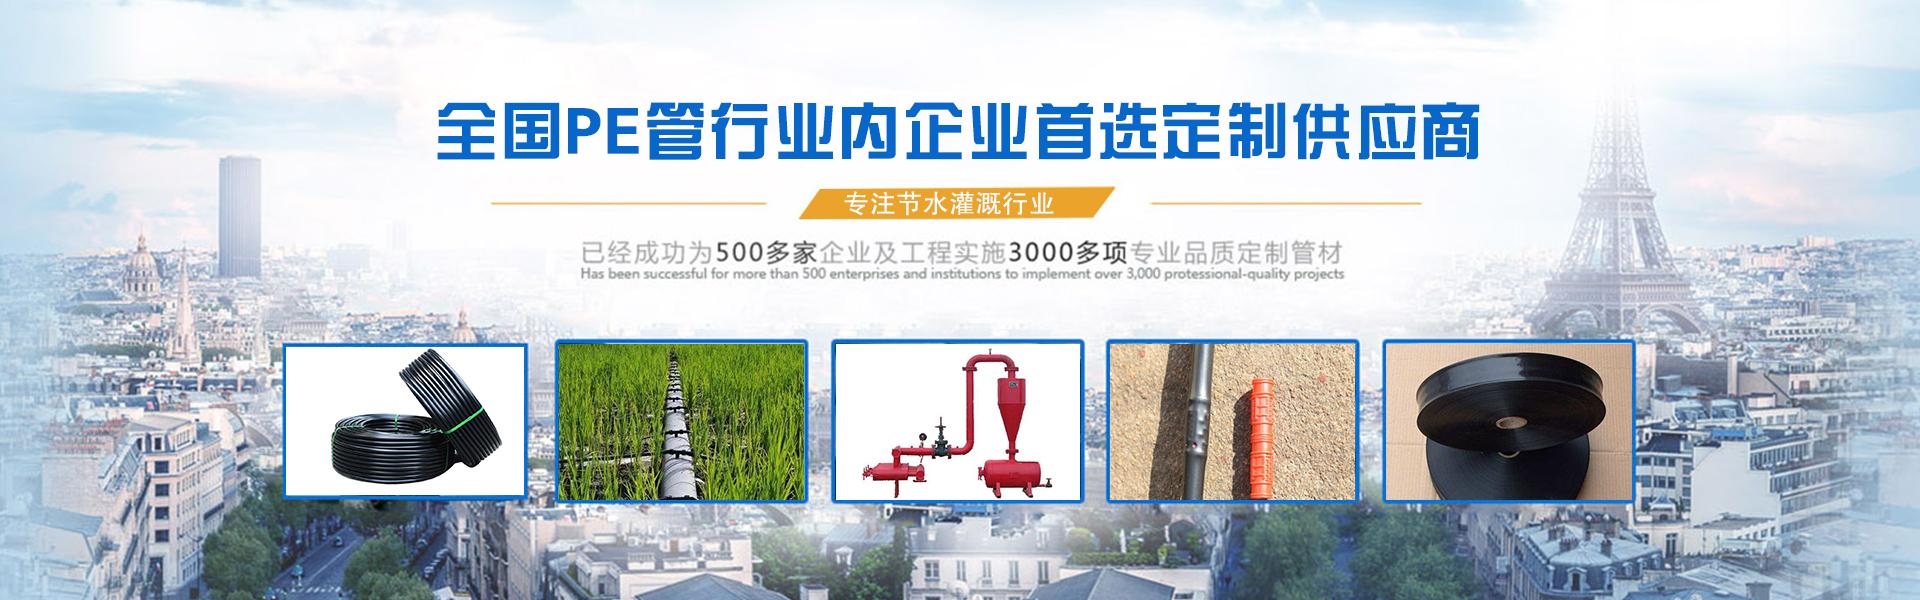 宁夏至润嘉禾节水设备有限公司